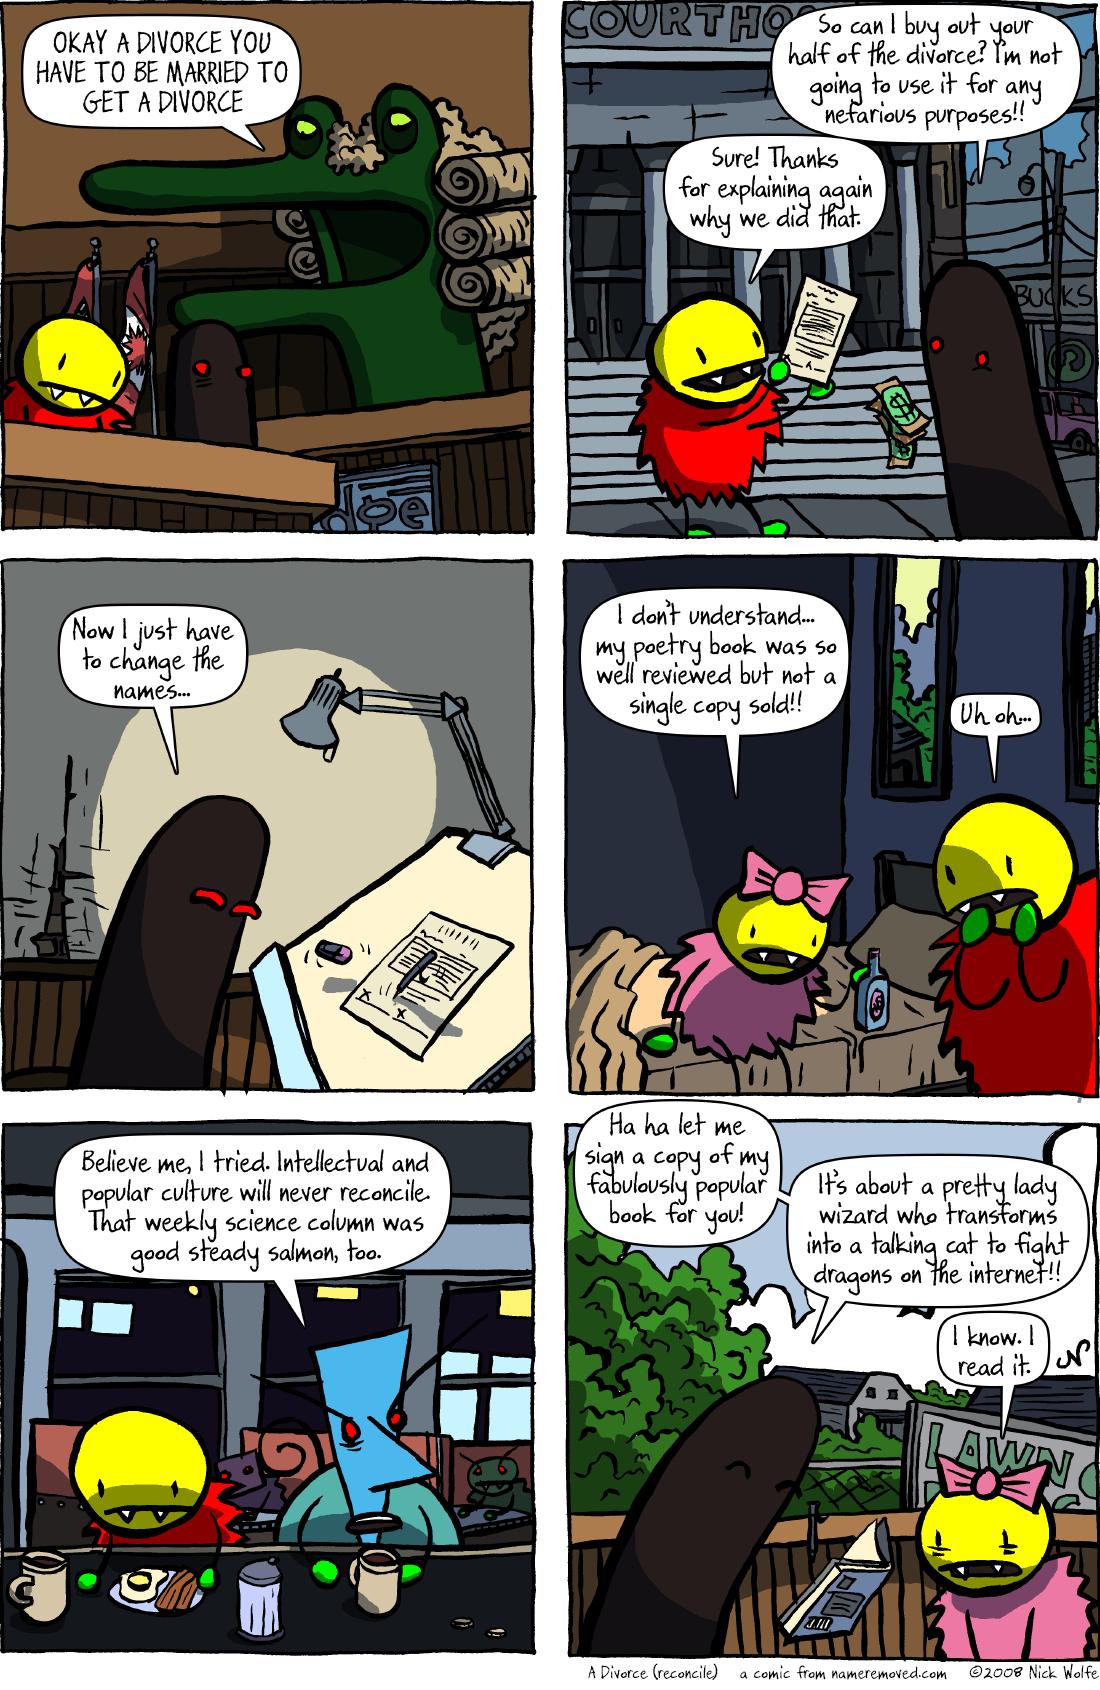 A Divorce (reconcile)